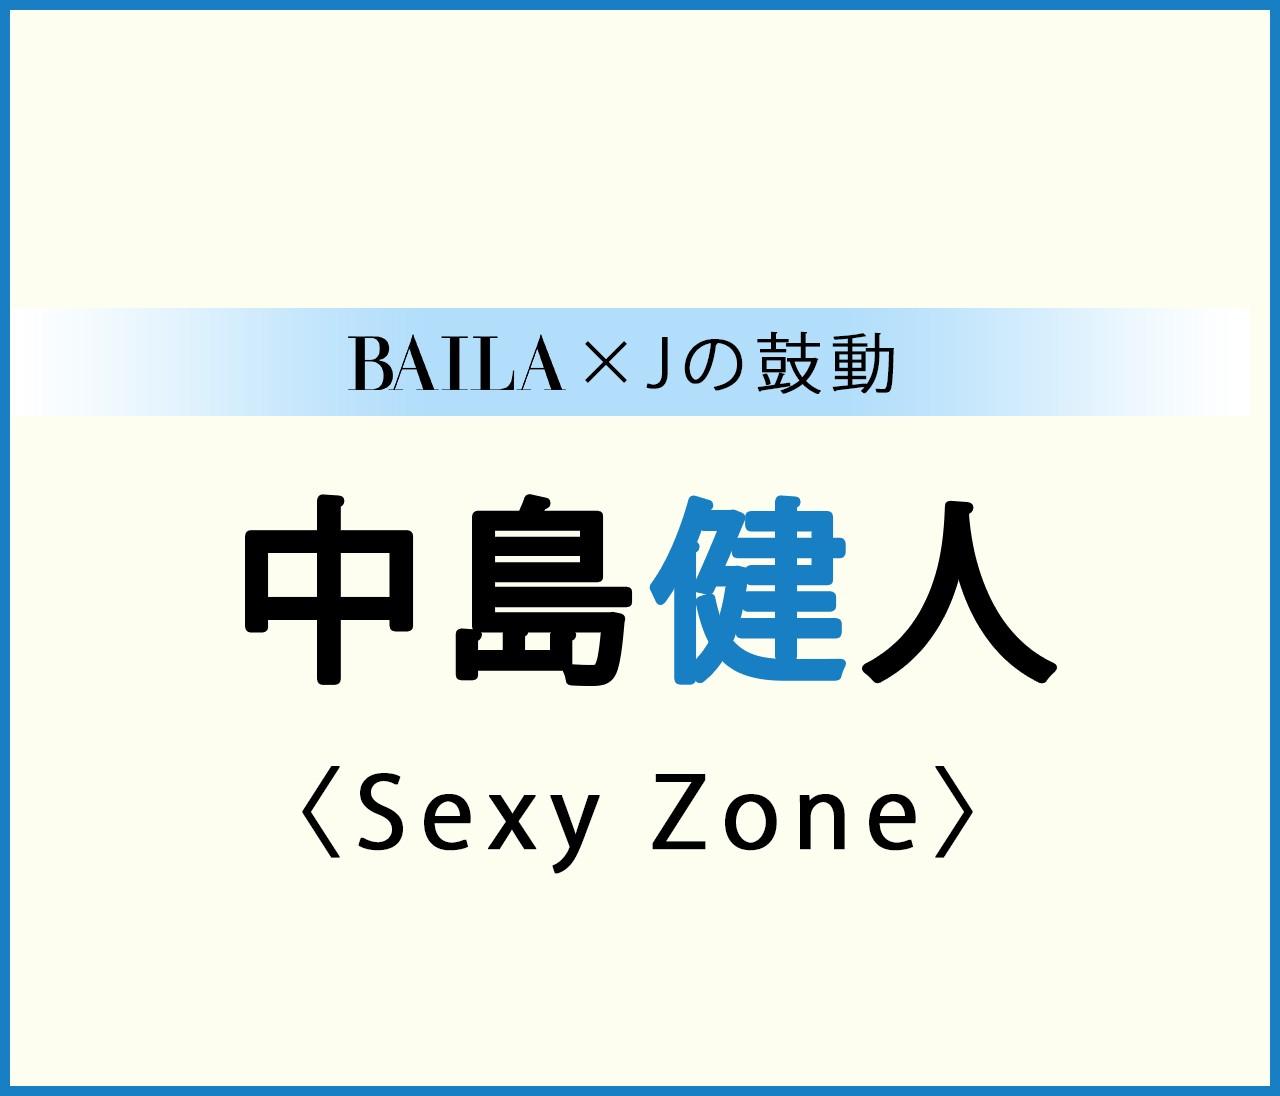 【Sexy Zone】中島健人スペシャルインタビュー!【BAILA × Jの鼓動】